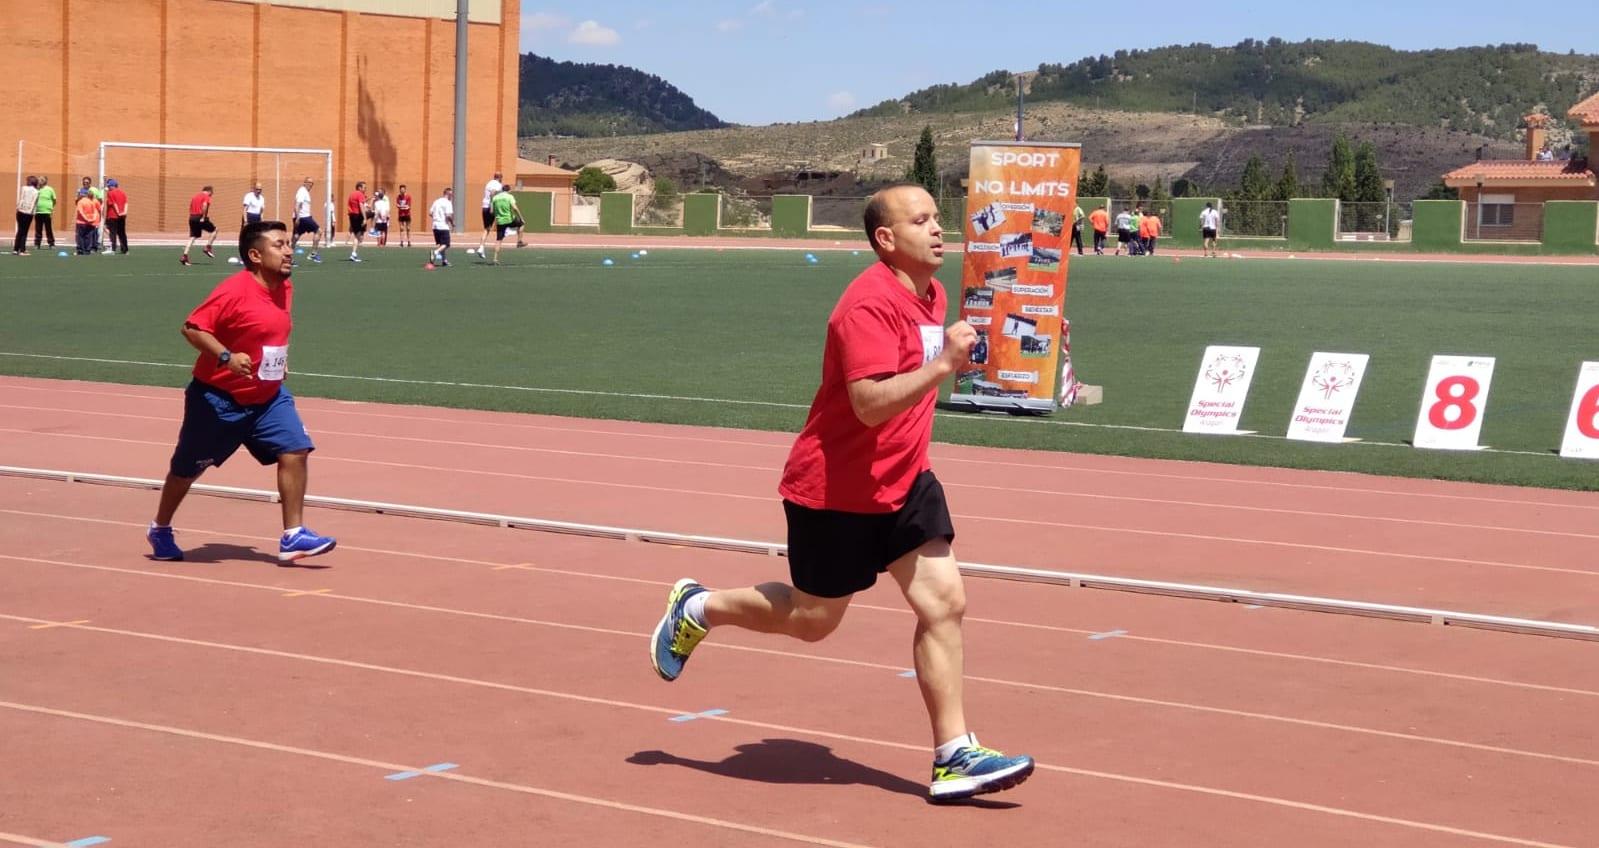 Andorra acoge el Campeonato Autonómico de Atletismo para personas con discapacidad intelectual